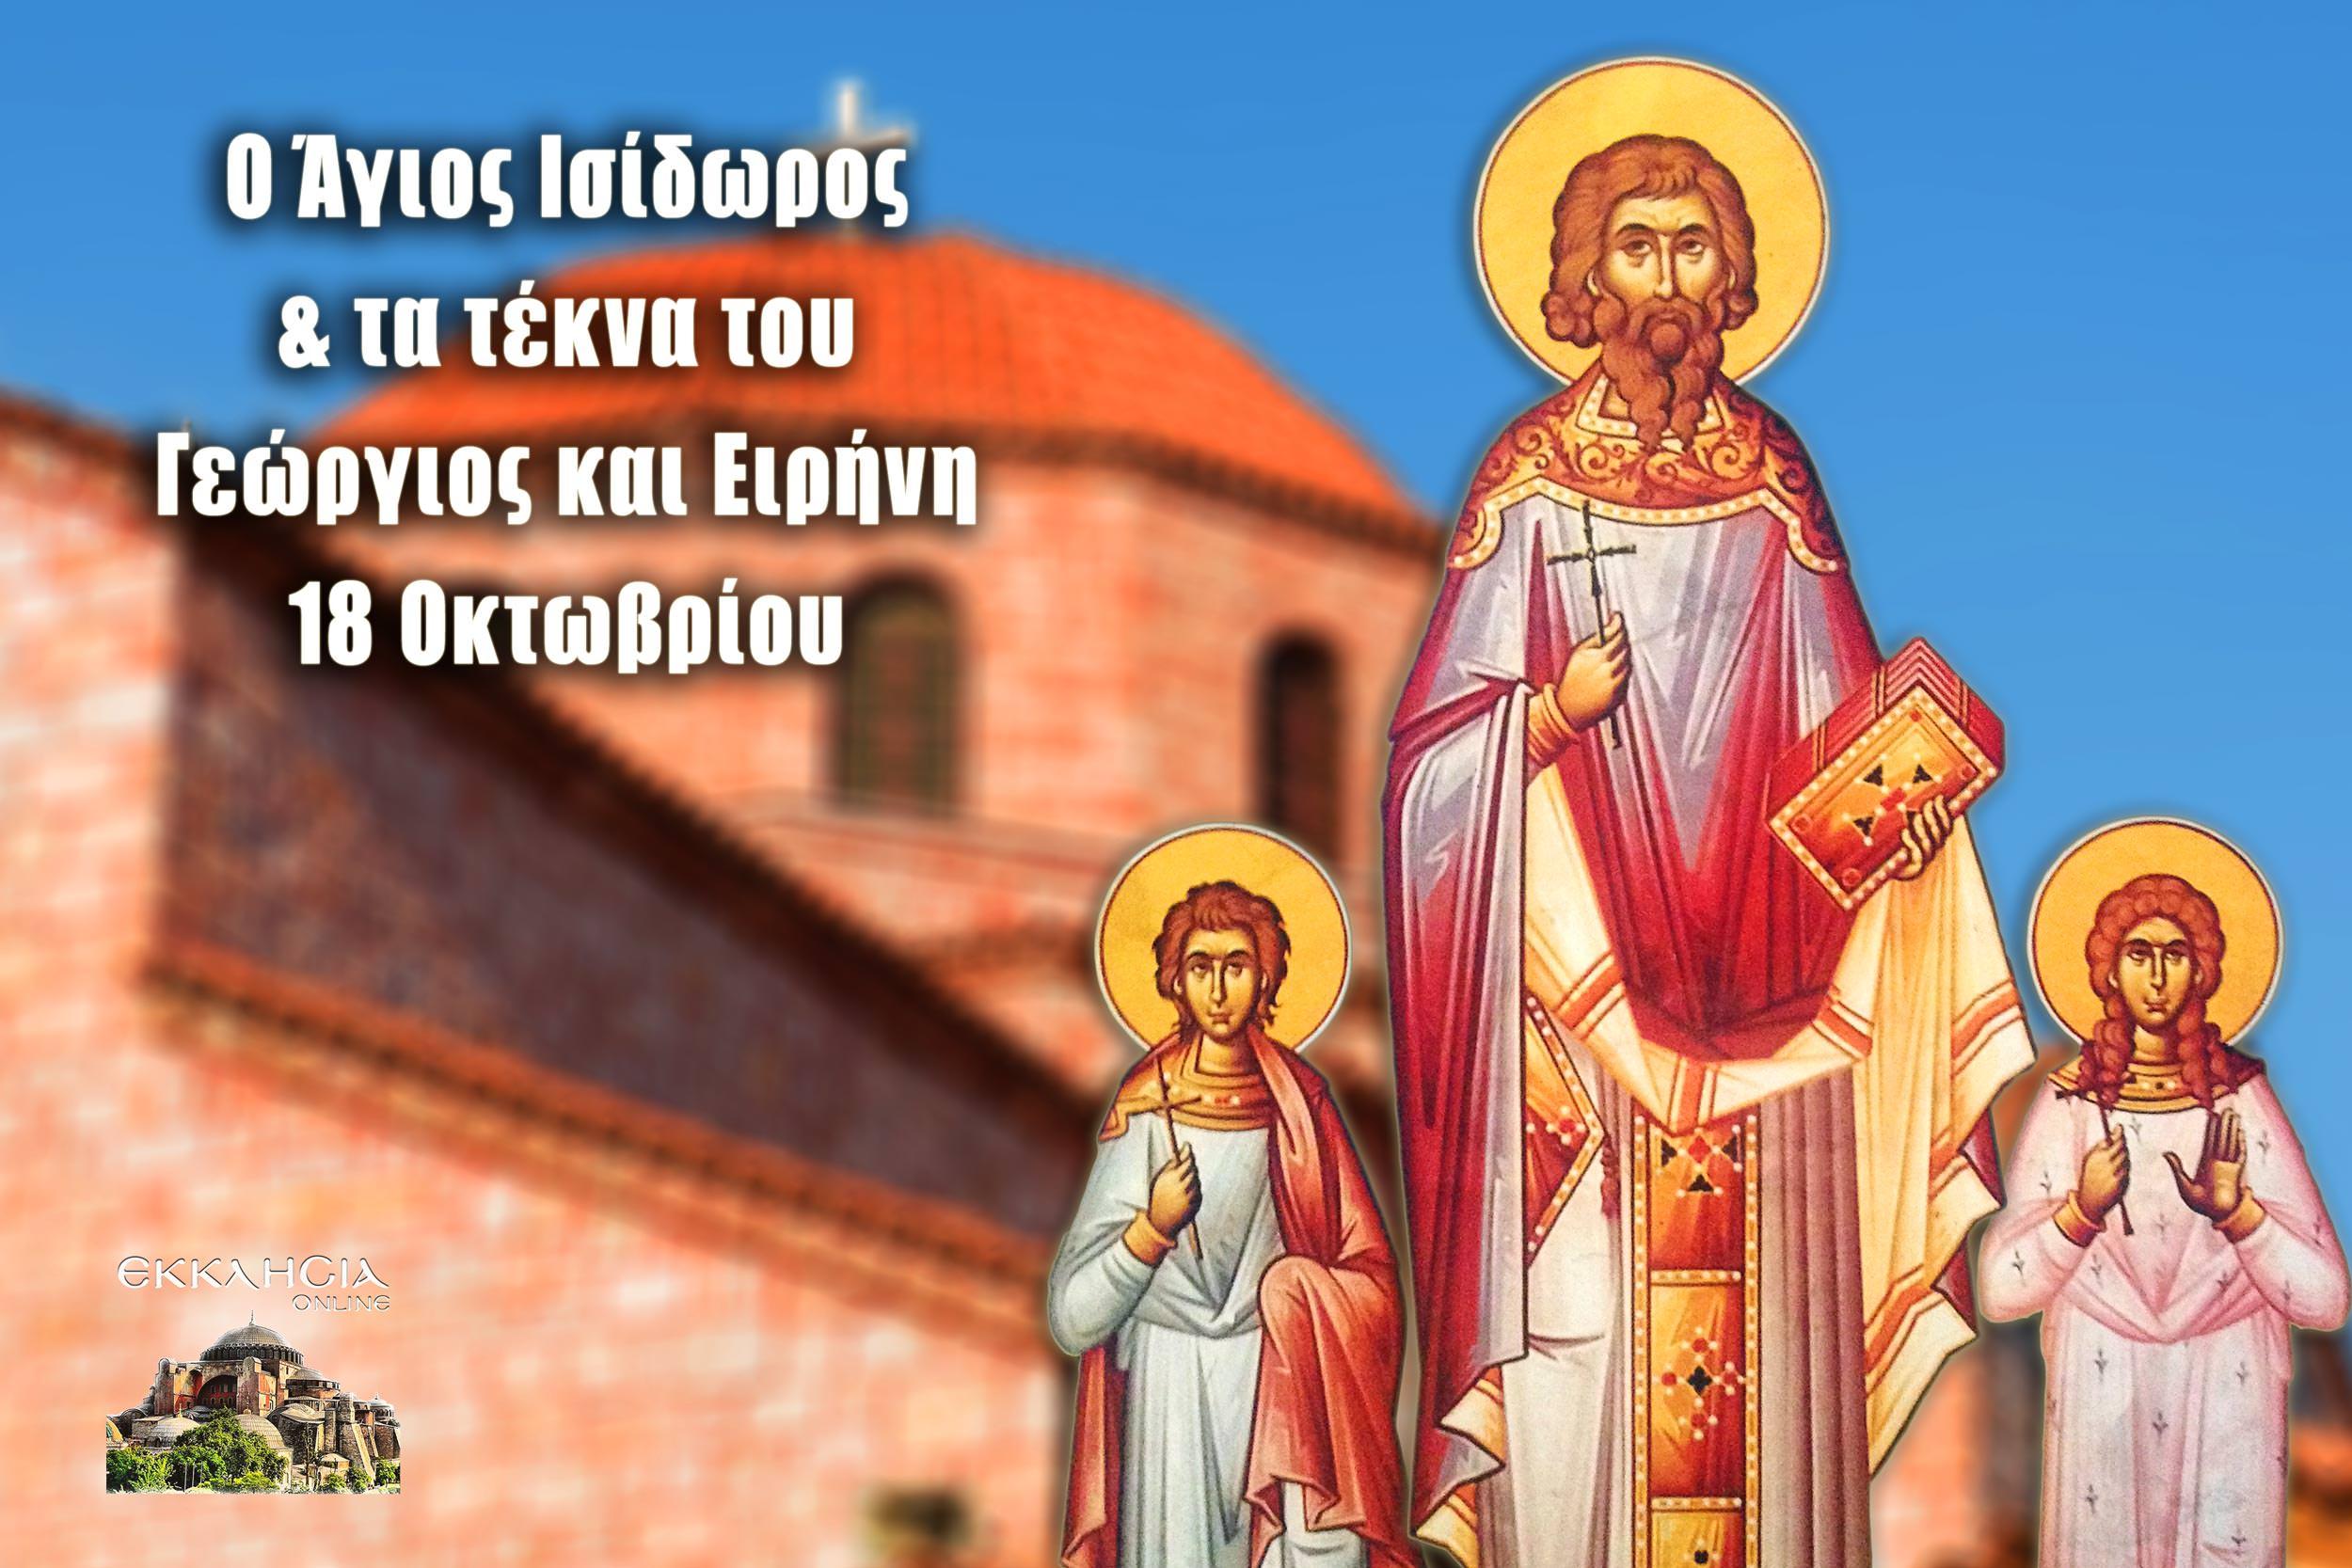 Άγιος Ισίδωρος και τα τέκνα 18 Οκτωβρίου